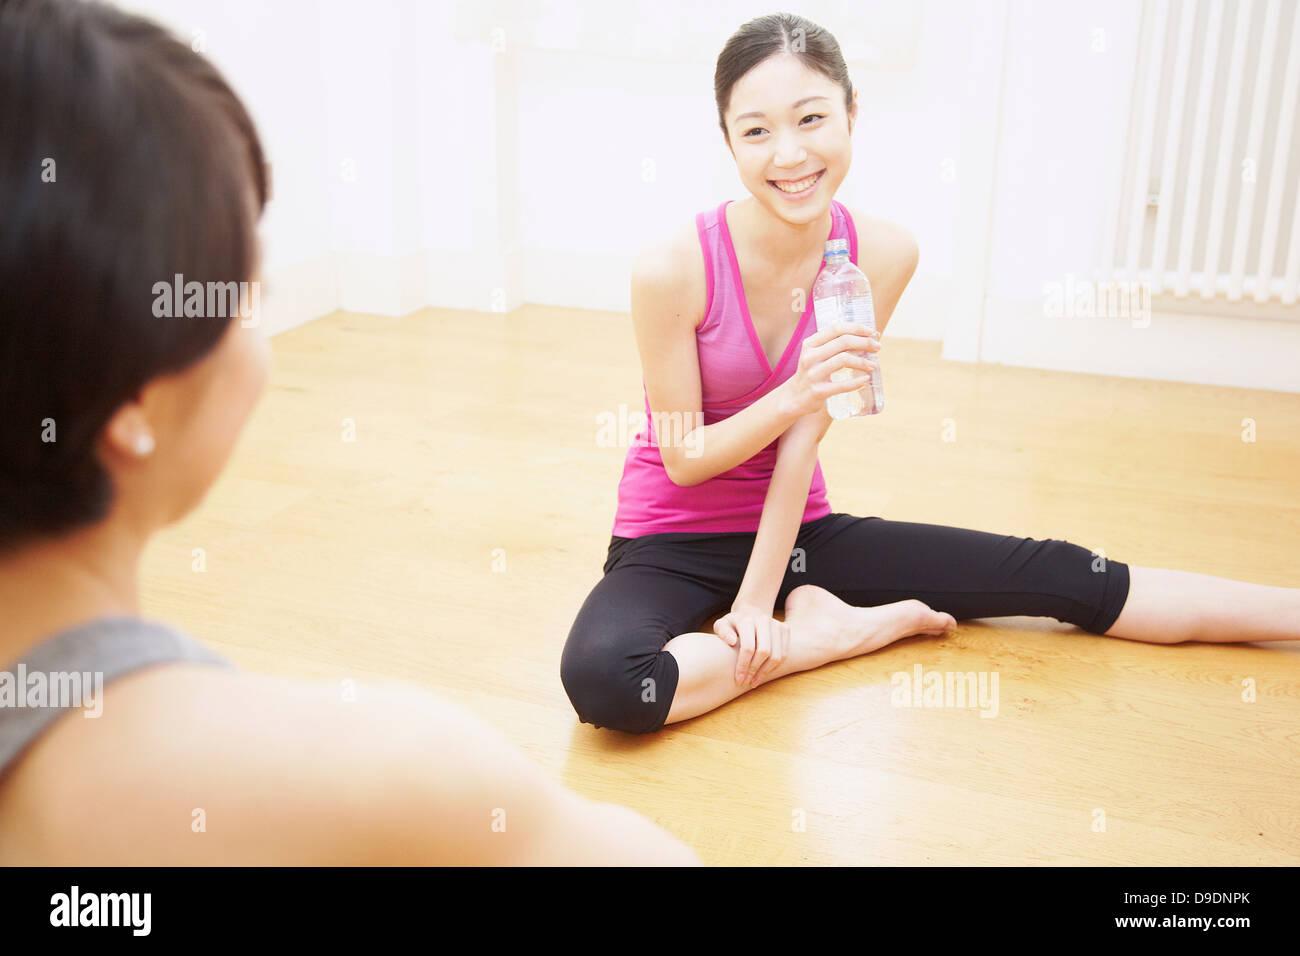 Donna seduta sul pavimento con una bottiglia d'acqua Immagini Stock